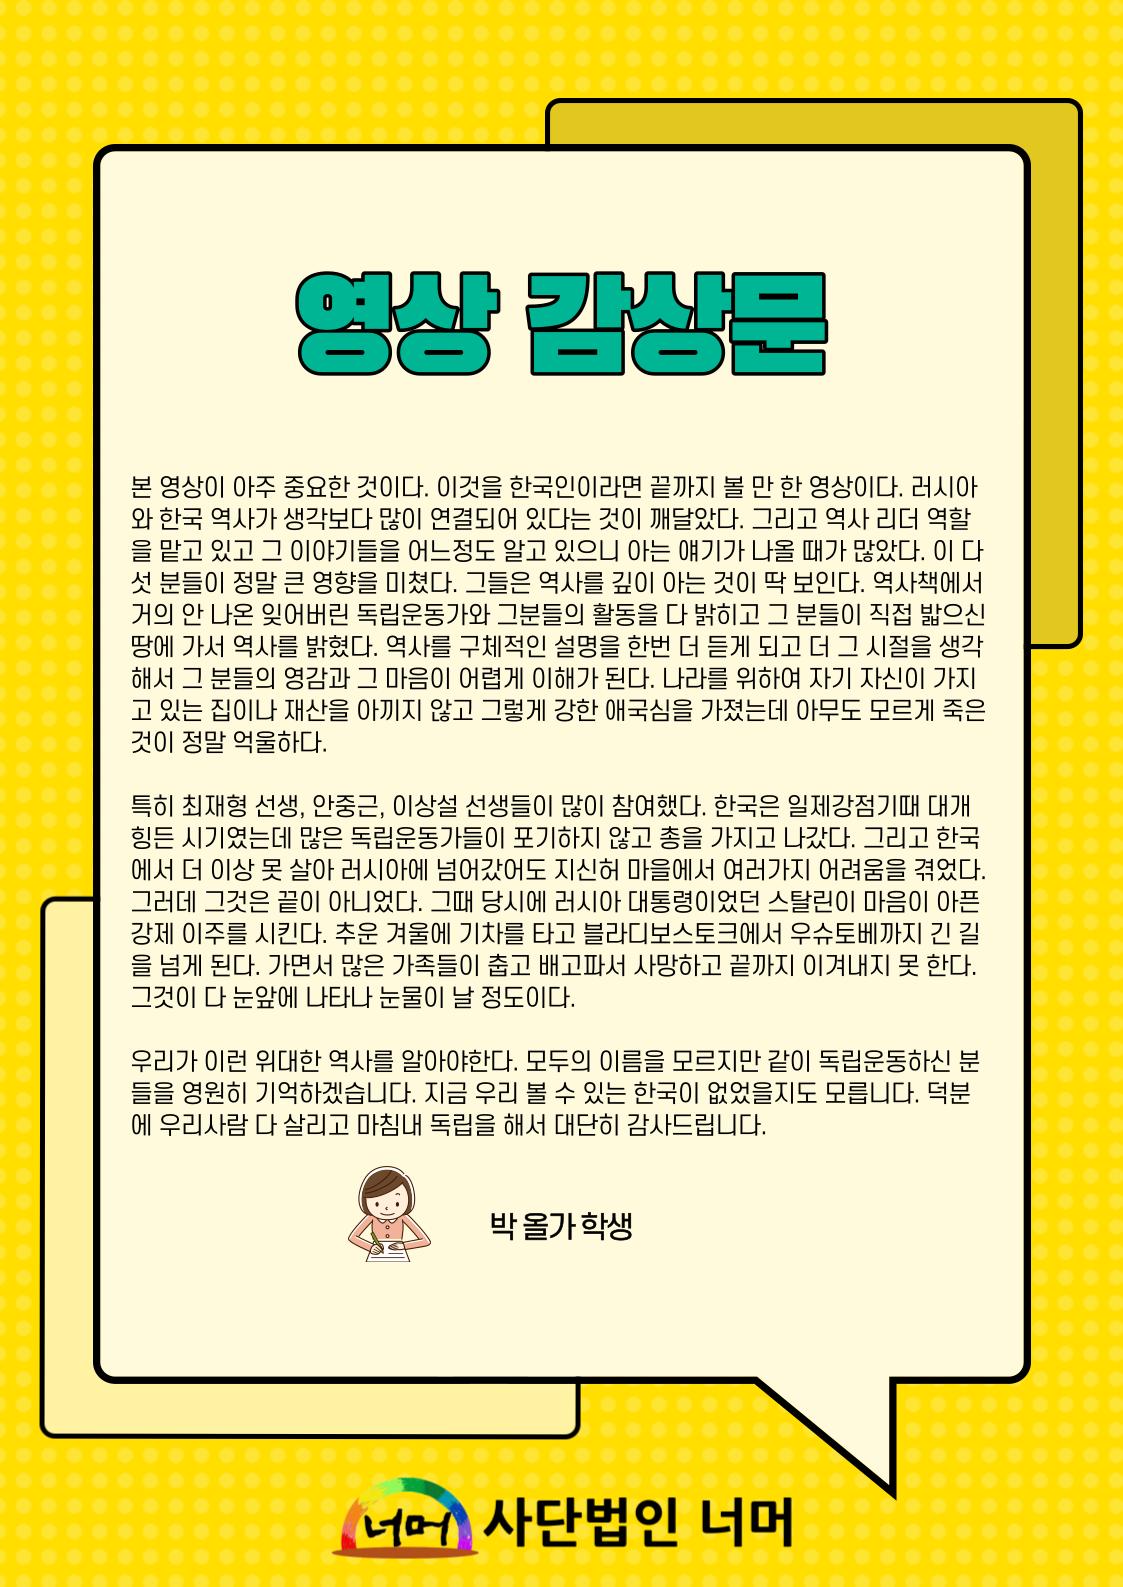 2020.05.20-감상문-5.png